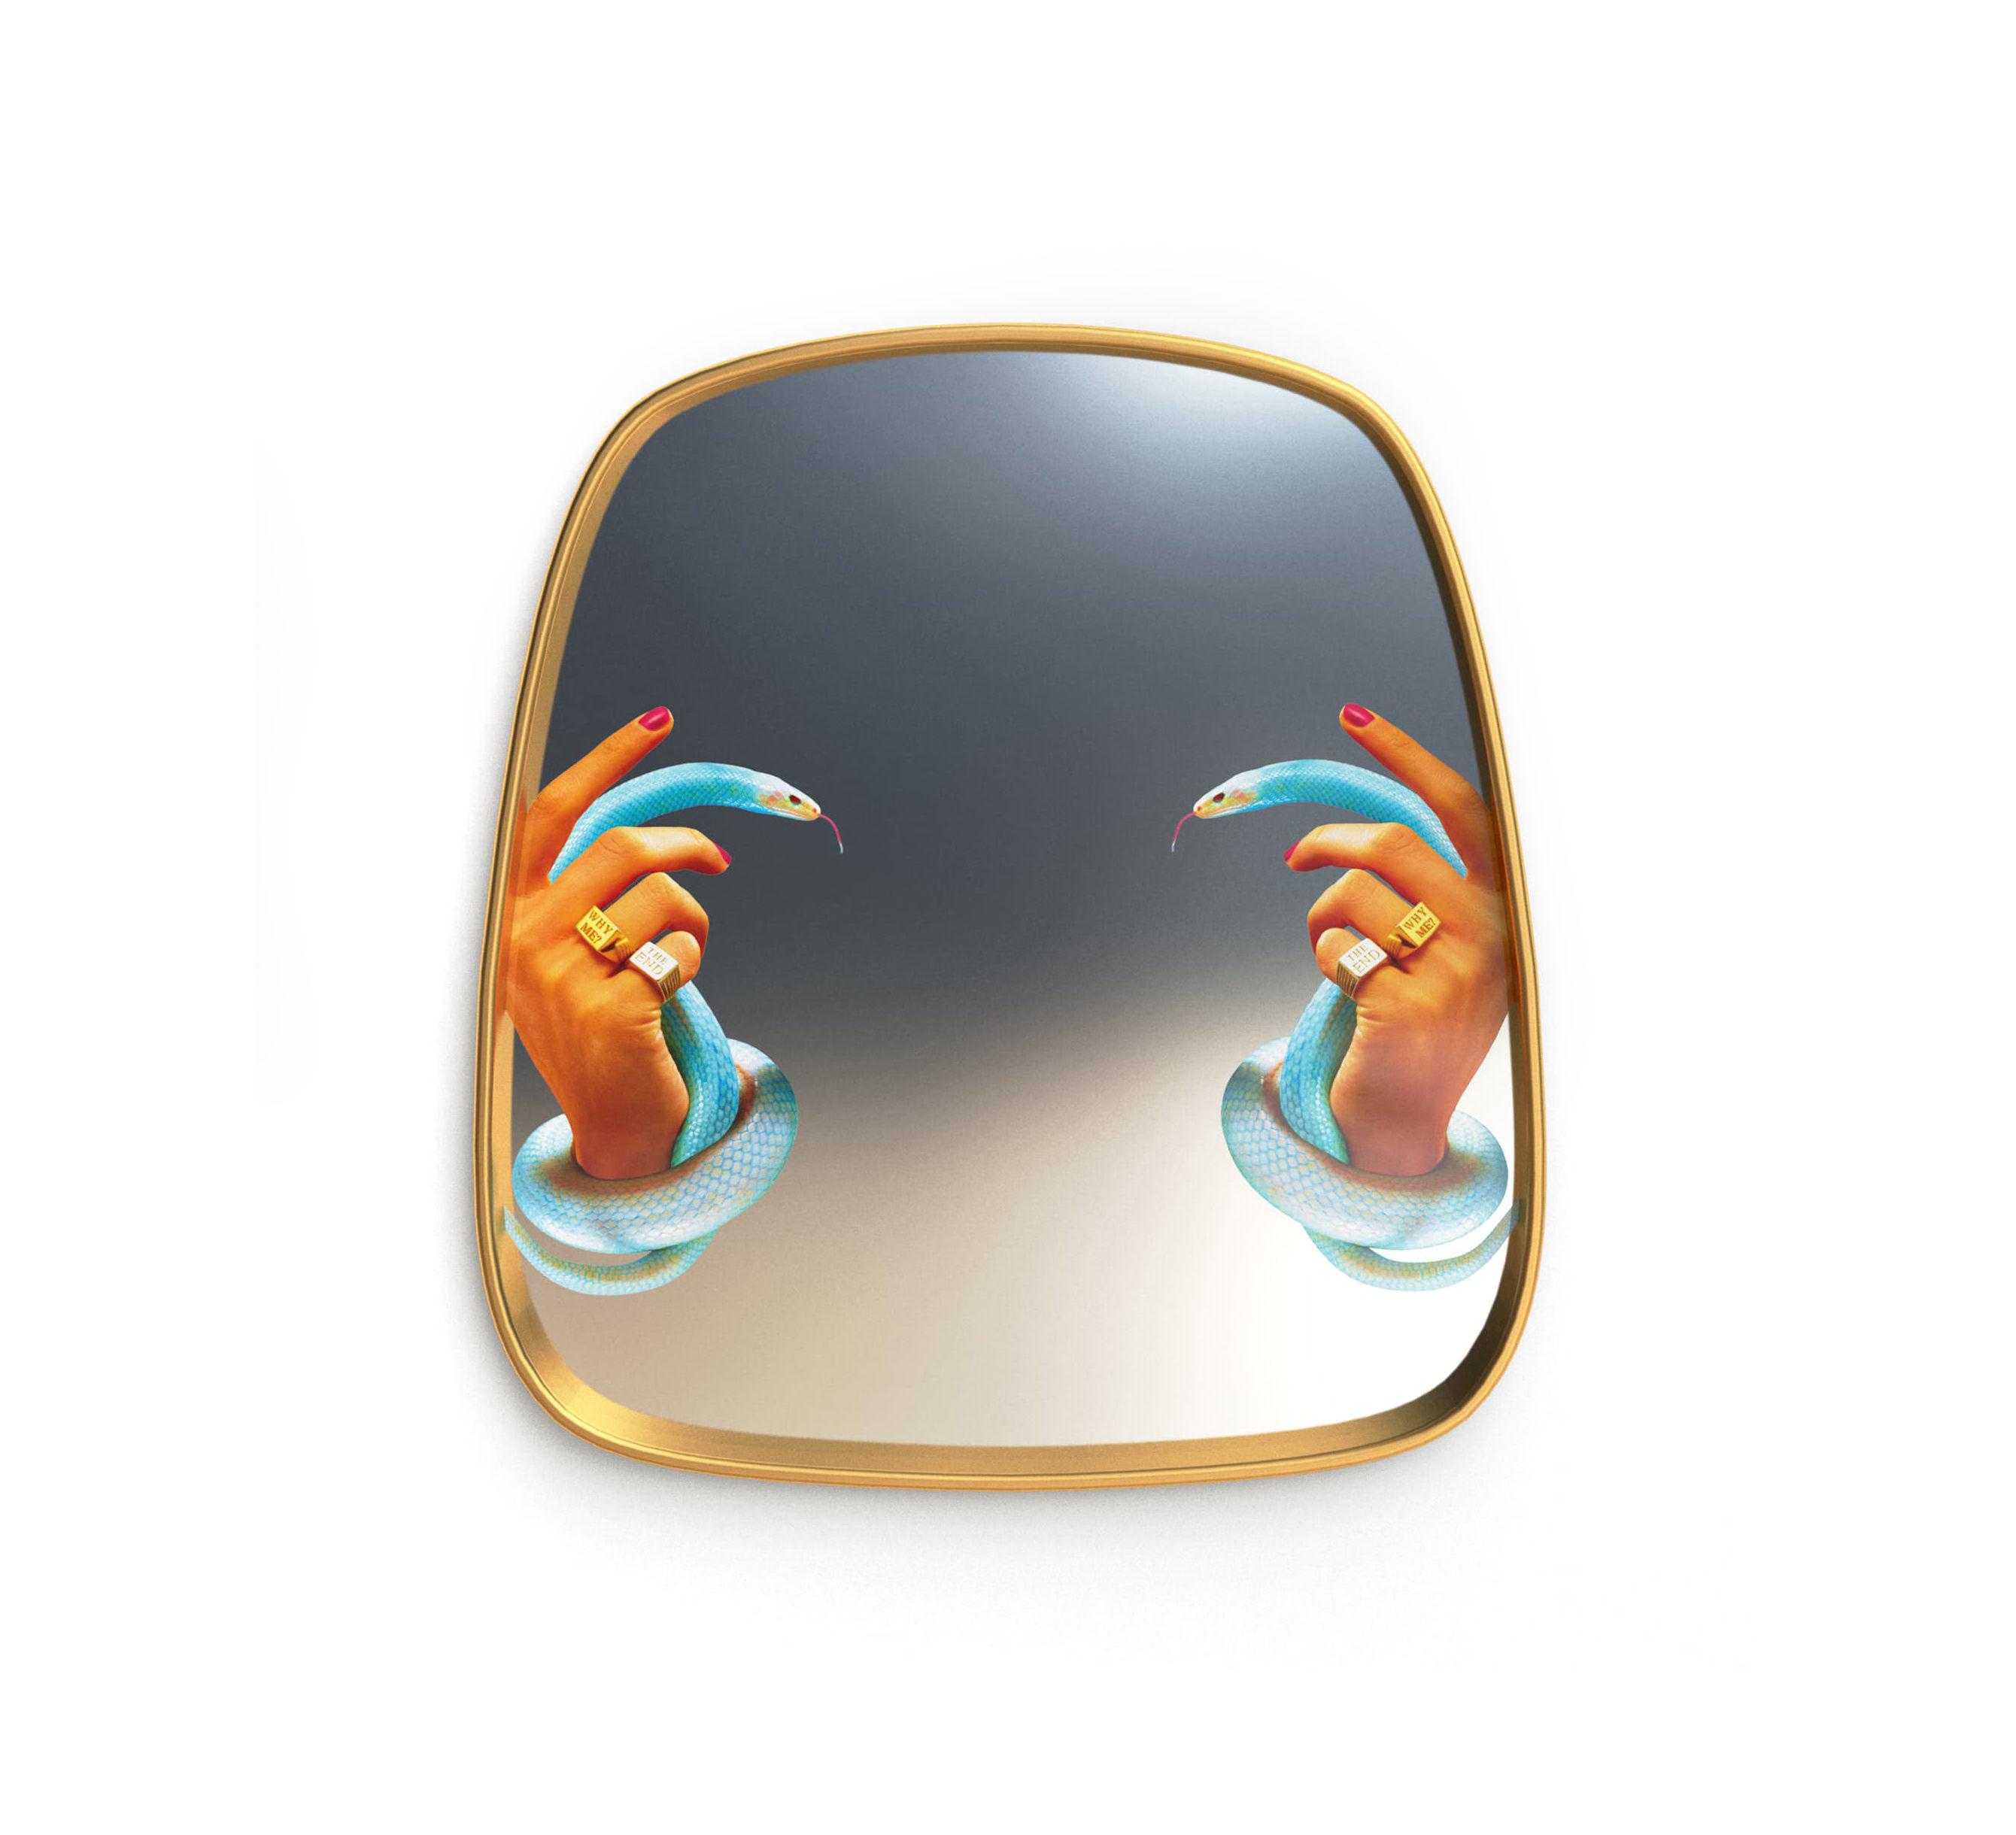 Interni - Specchi - Specchio Toiletpaper - / Hands & snakes - 54 x 59 cm di Seletti - Hands & snakes / Cornice ottone - MDF, Ottone, Vetro